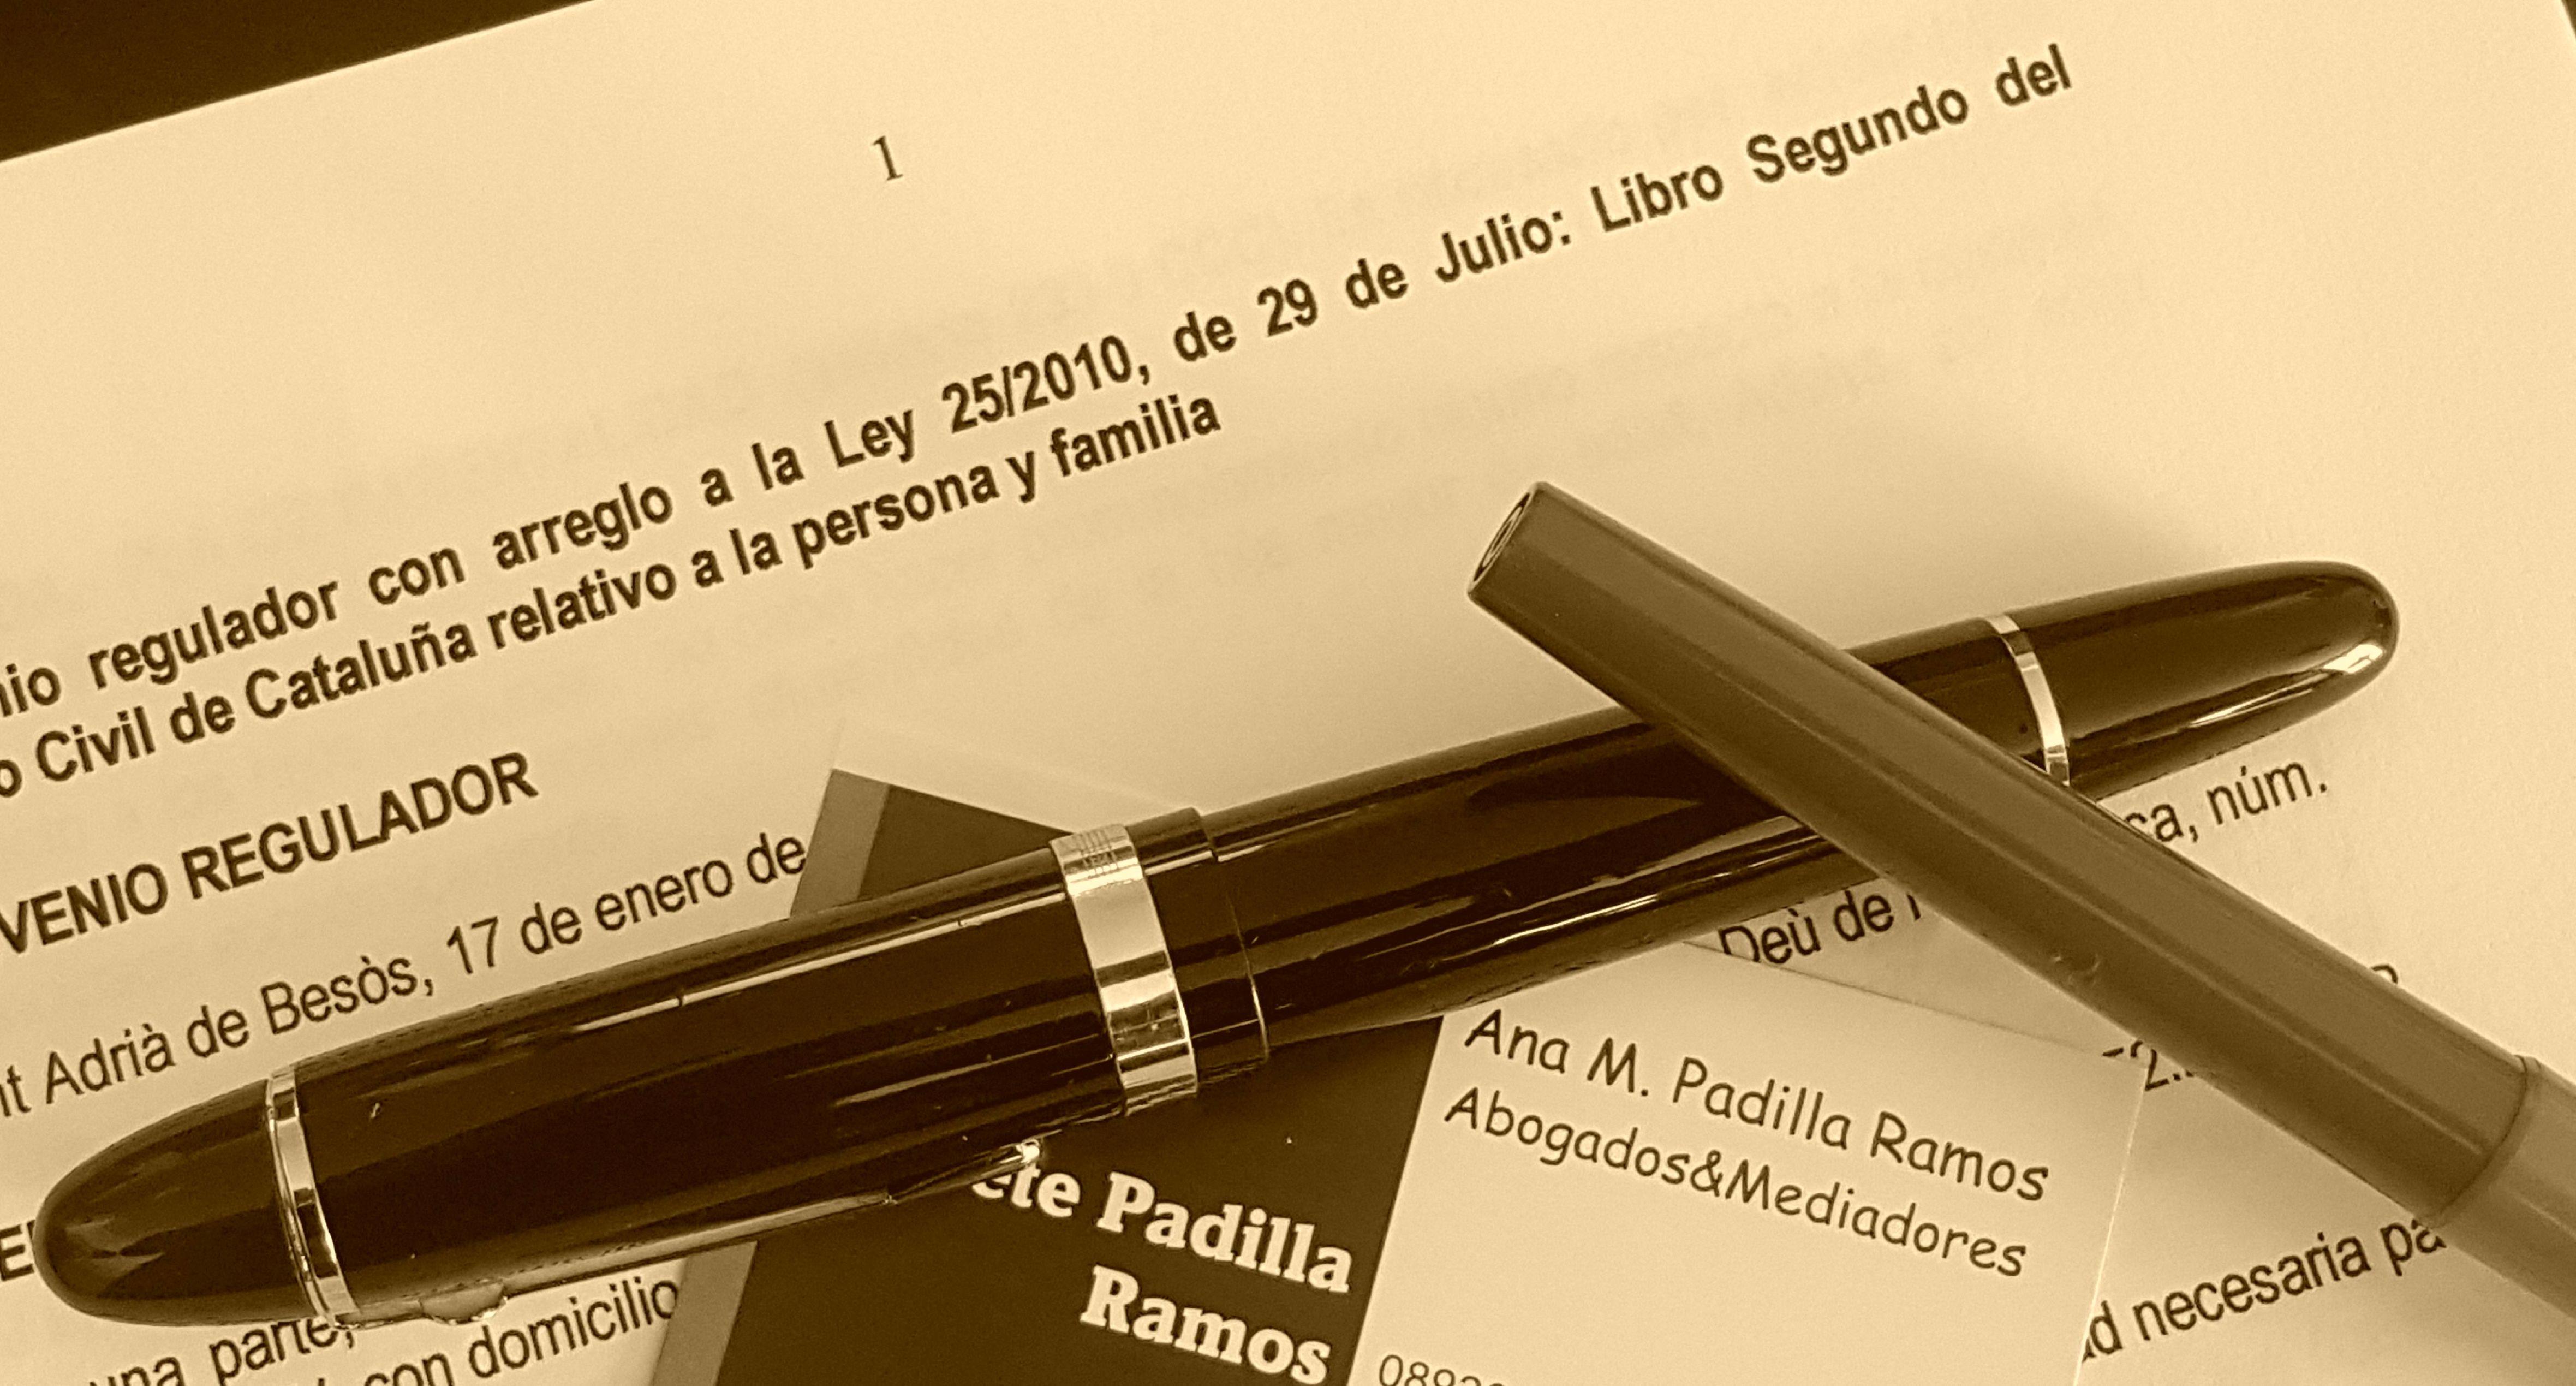 Divorcios ante Notario: Areas de actuación de Bufete Padilla Ramos, Abogados - Mediadores